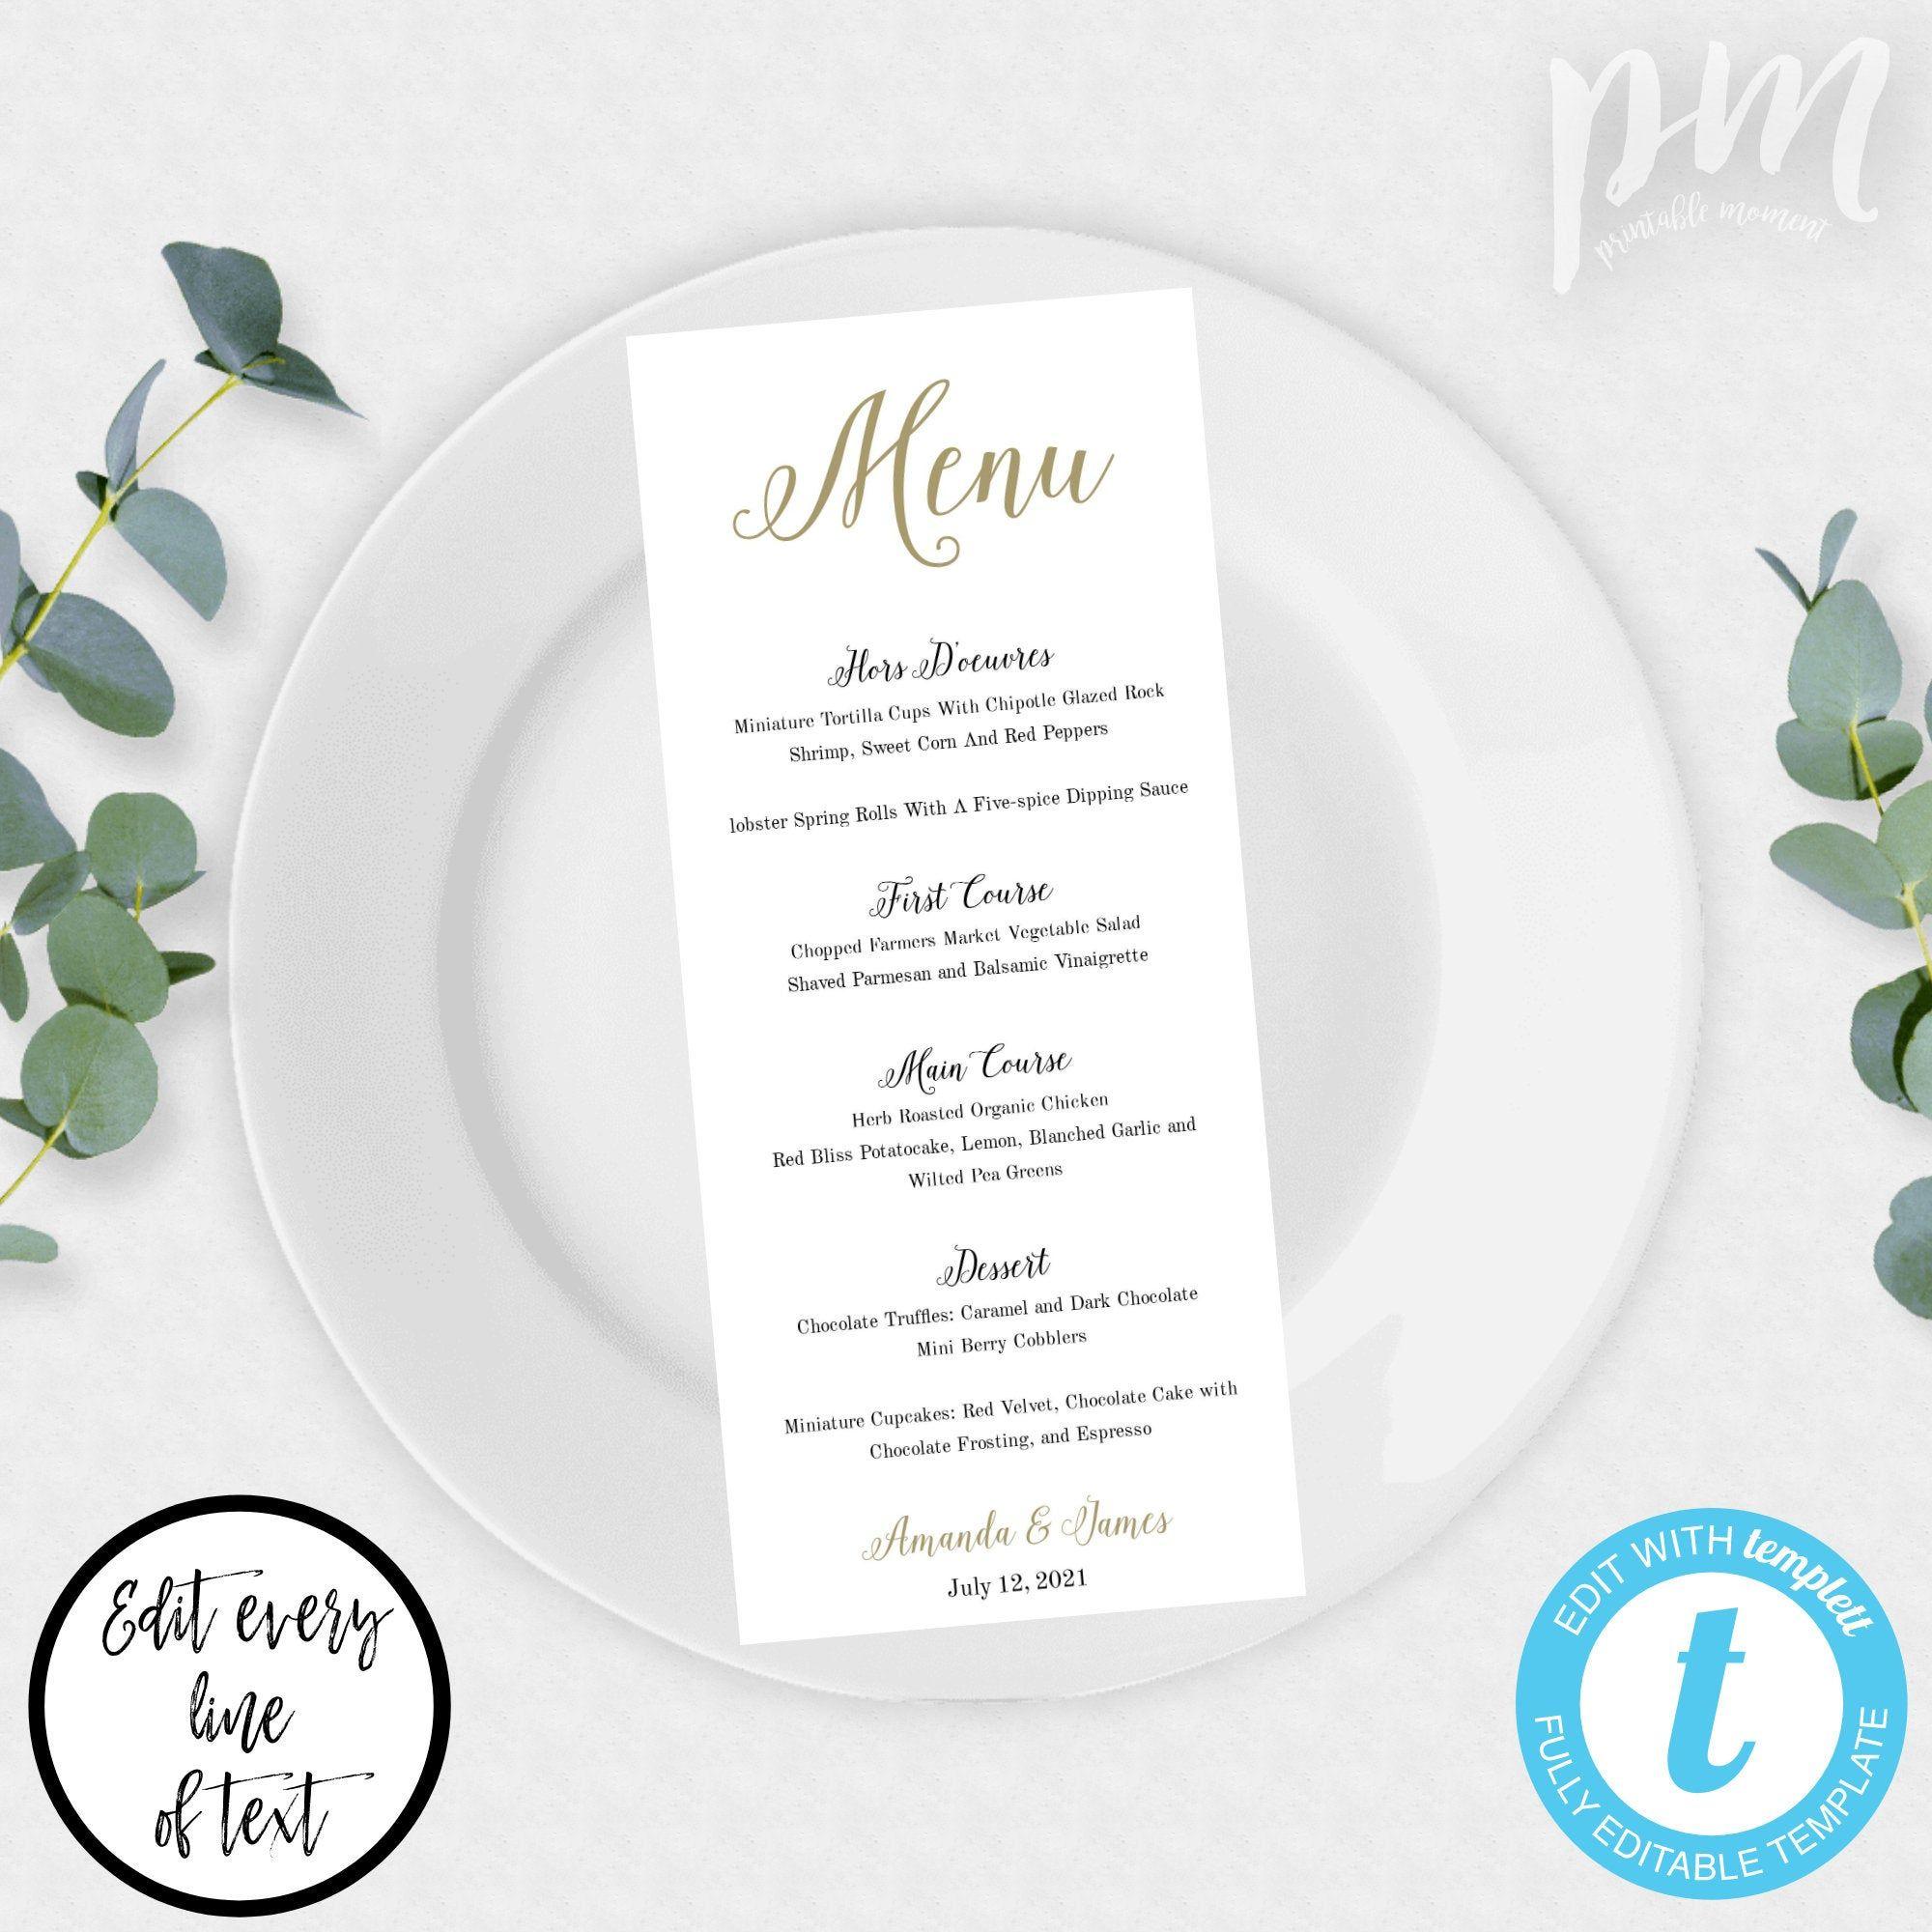 Printable Wedding Menu Template, Printable Menu, Wedding Dinner Menu, Instant Download, DIY Menu, Classic Menu Template, Edit